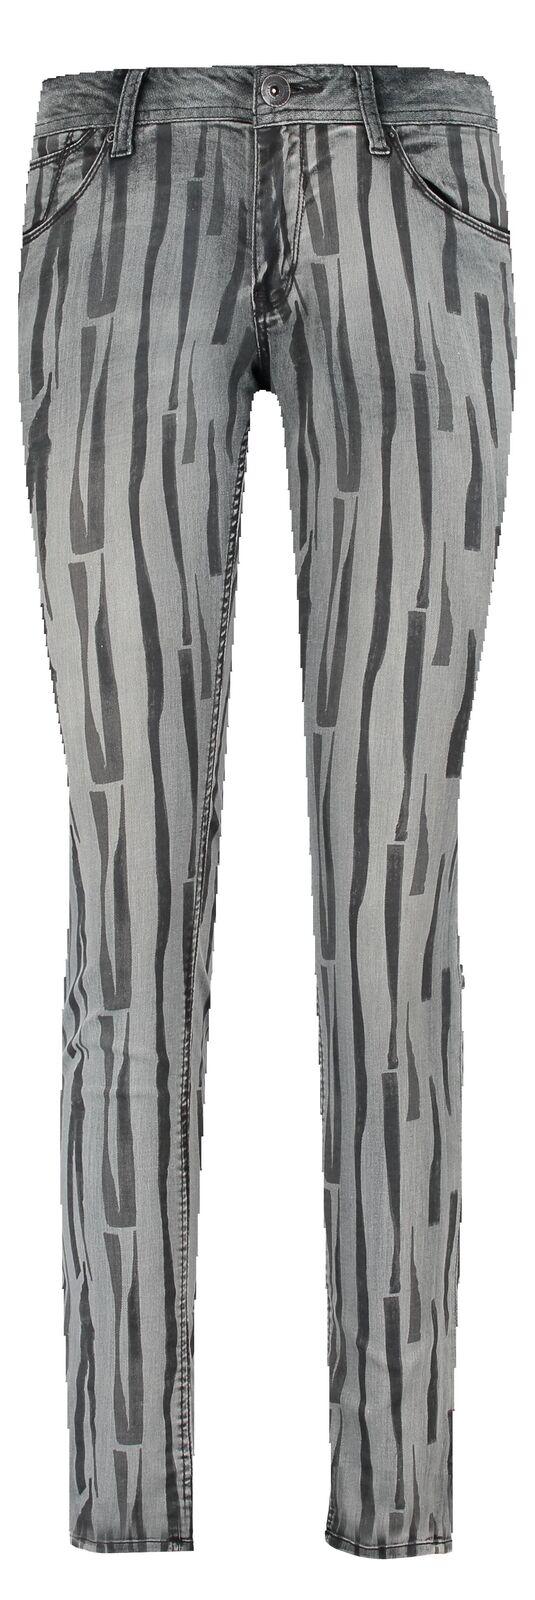 Garcia Damen Jeans Rachelle grau Shade Shade Shade Hose Print Neu a75741